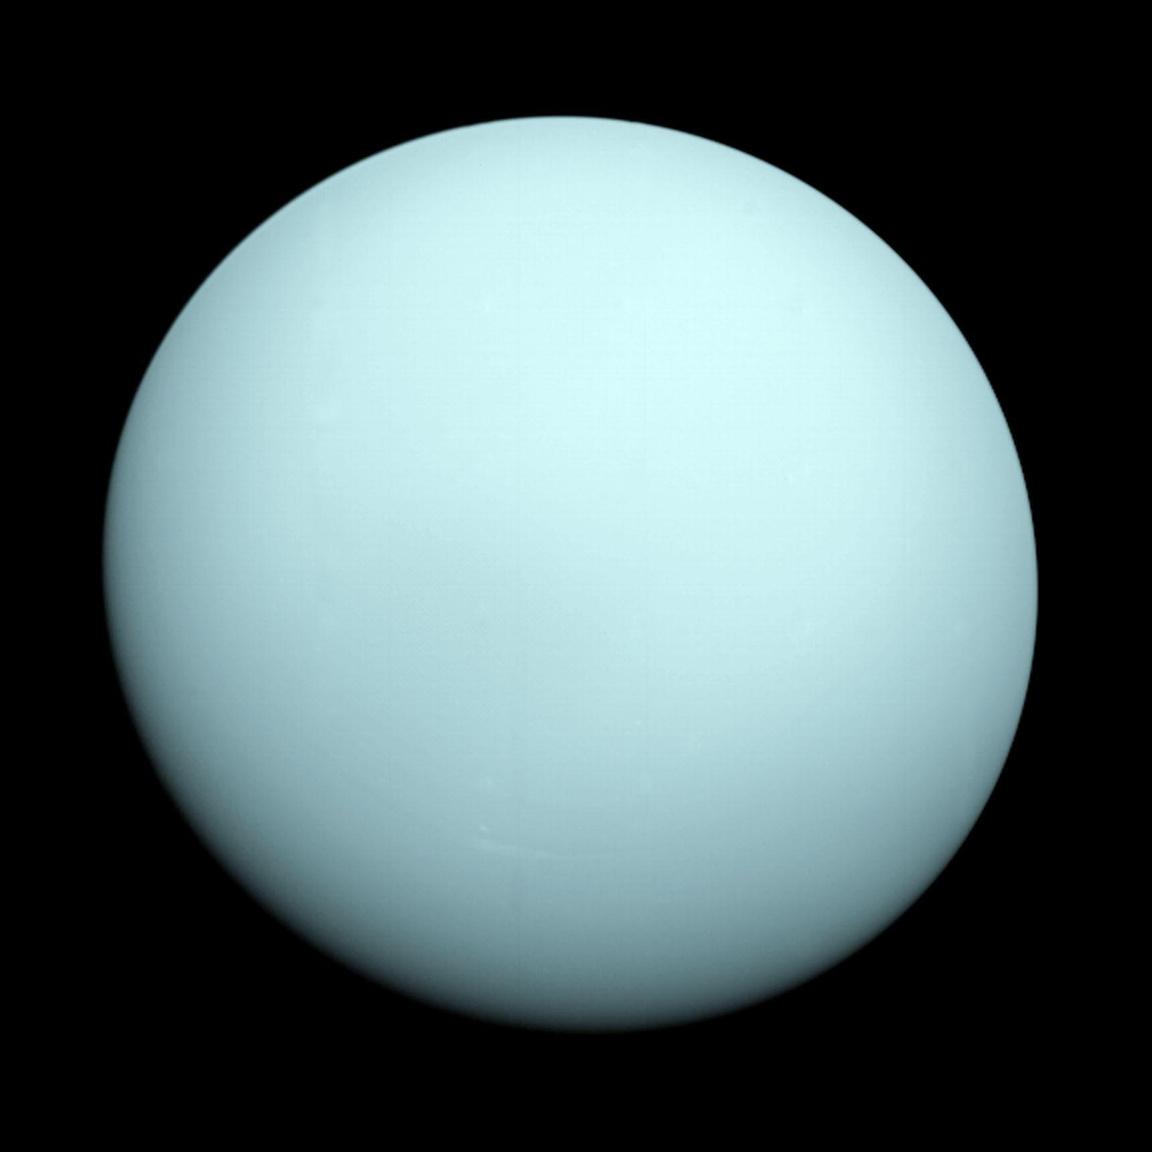 1986. december 18. A Voyager 2 portréja a szinte teljesen sima felhőzetű Uránuszról.